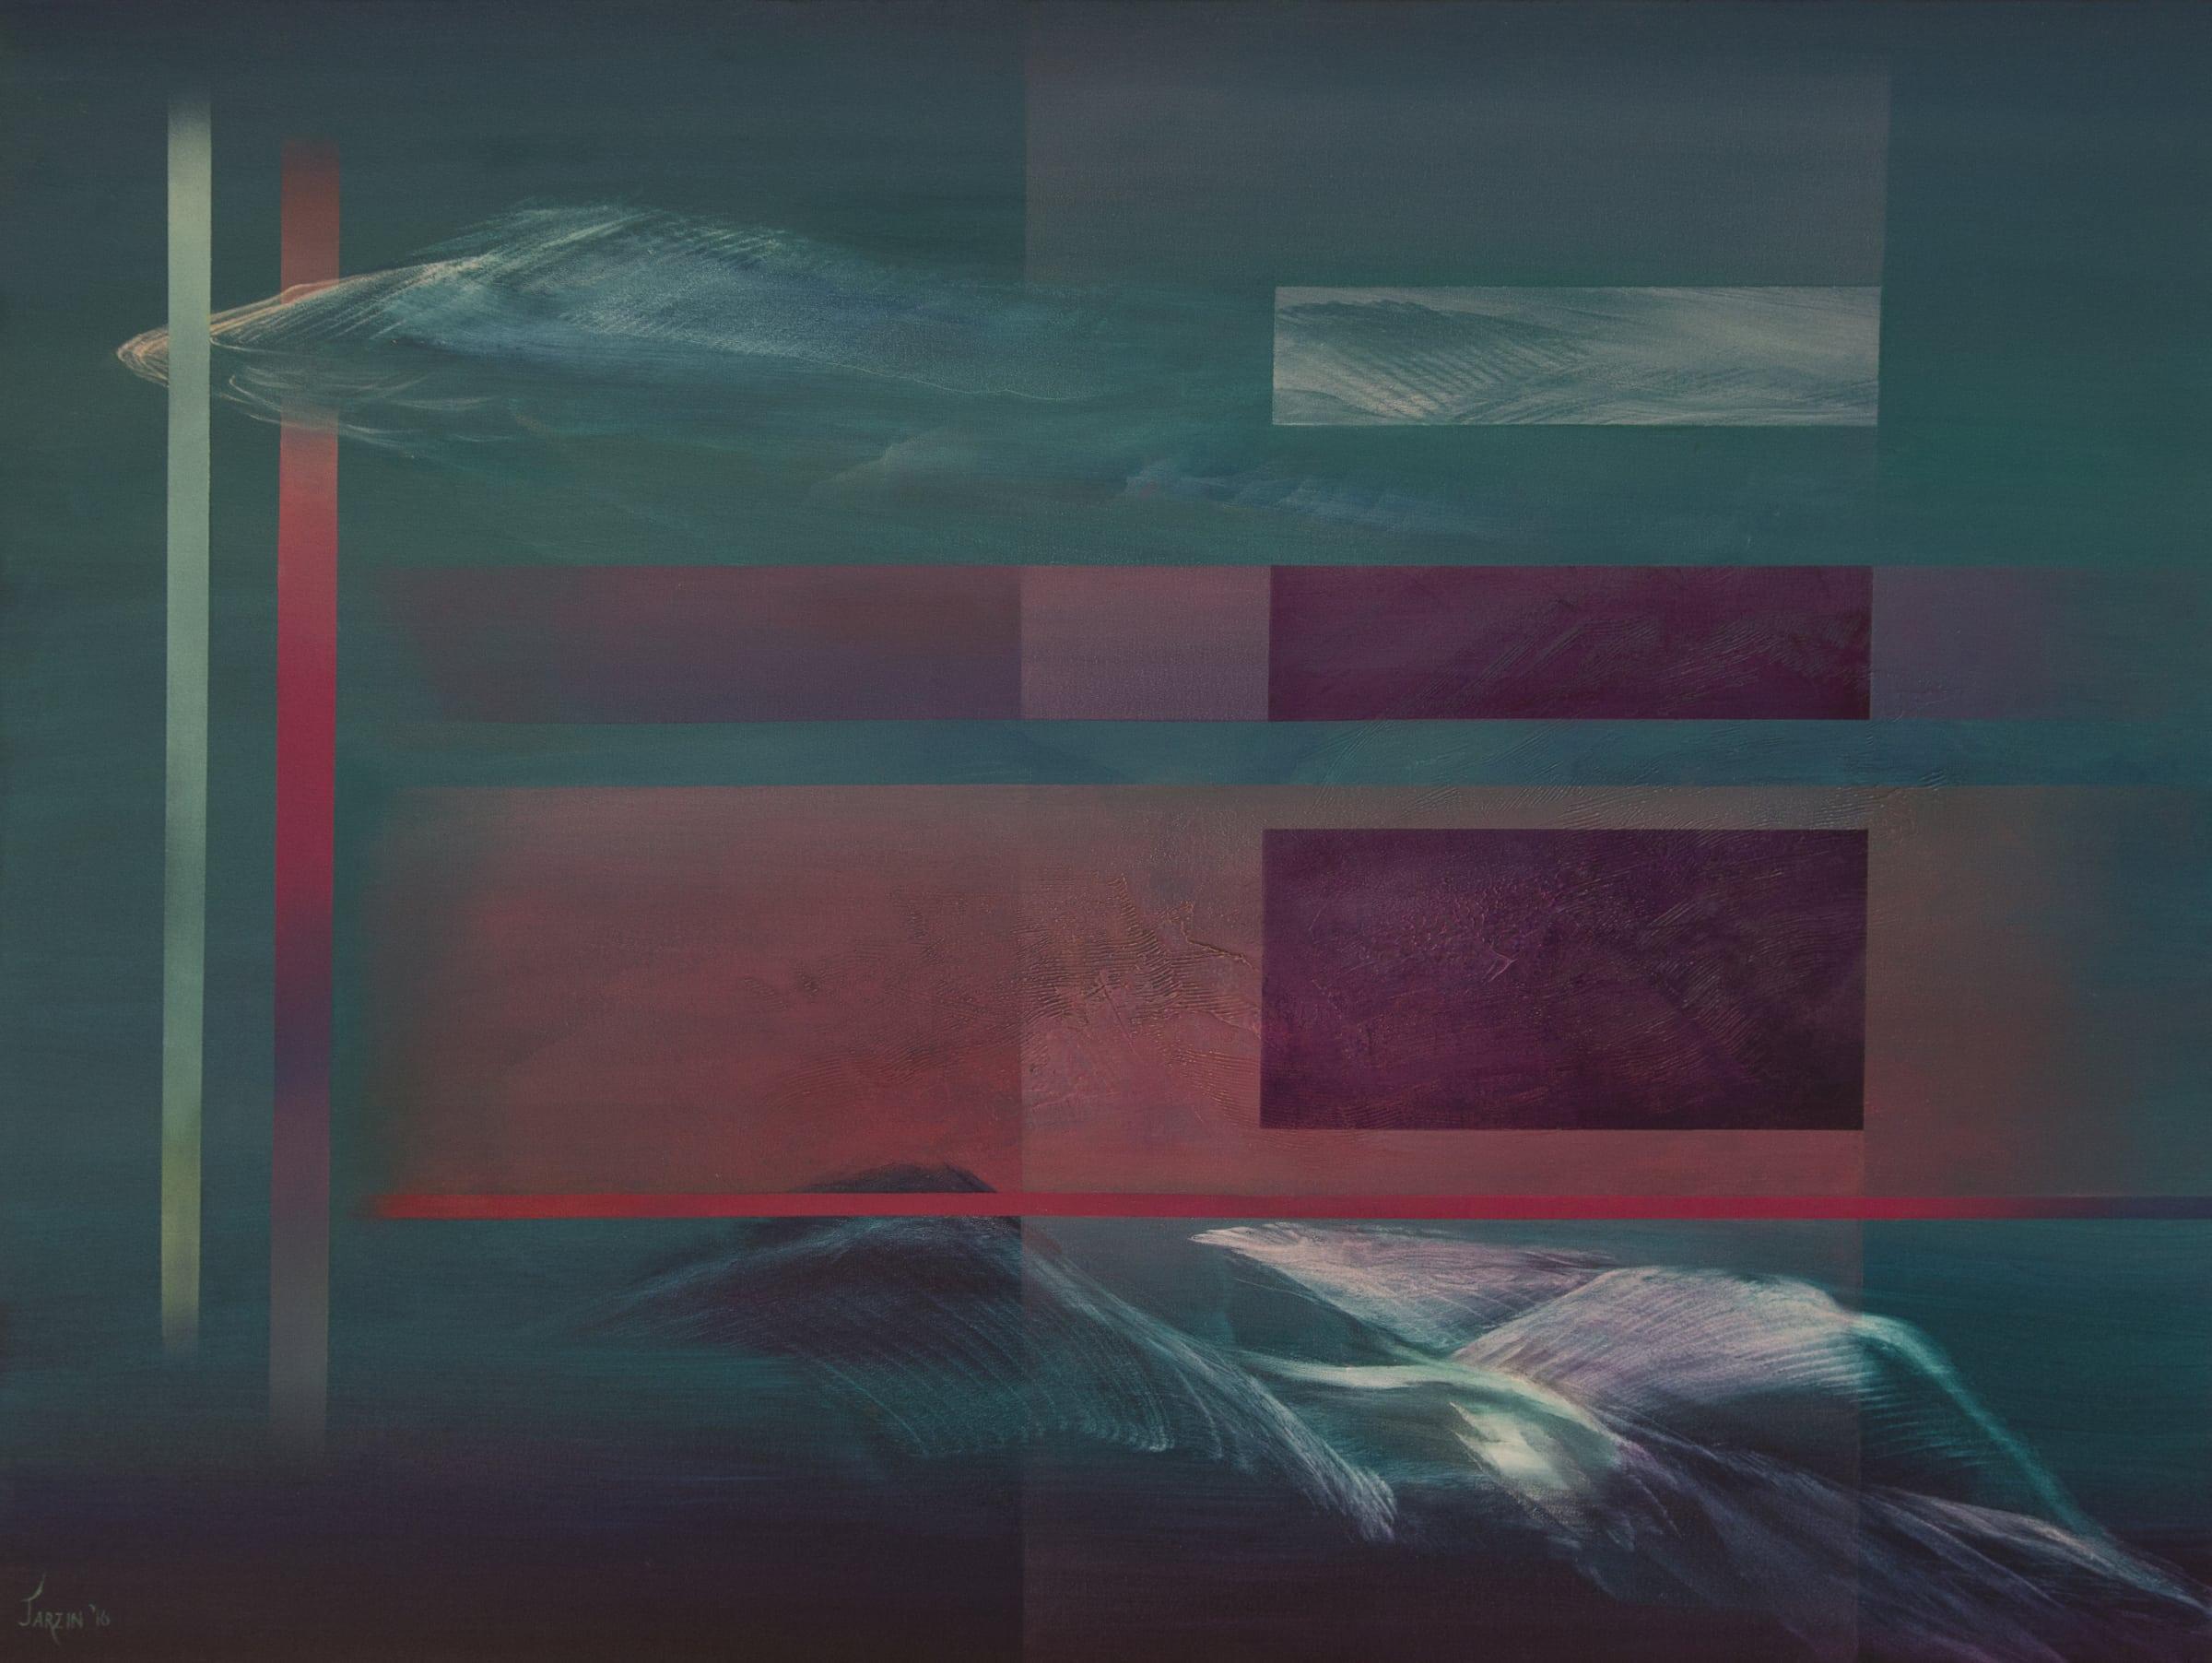 <span class=&#34;link fancybox-details-link&#34;><a href=&#34;/artworks/1018-sheila-jarzin-seascape-3-2016/&#34;>View Detail Page</a></span><div class=&#34;artist&#34;><strong>Sheila Jarzin</strong></div> <div class=&#34;title&#34;><em>Seascape 3</em>, 2016</div> <div class=&#34;medium&#34;>Oil on Canvas</div> <div class=&#34;dimensions&#34;>76cm x 102cm</div><div class=&#34;price&#34;>R11,200.00</div>